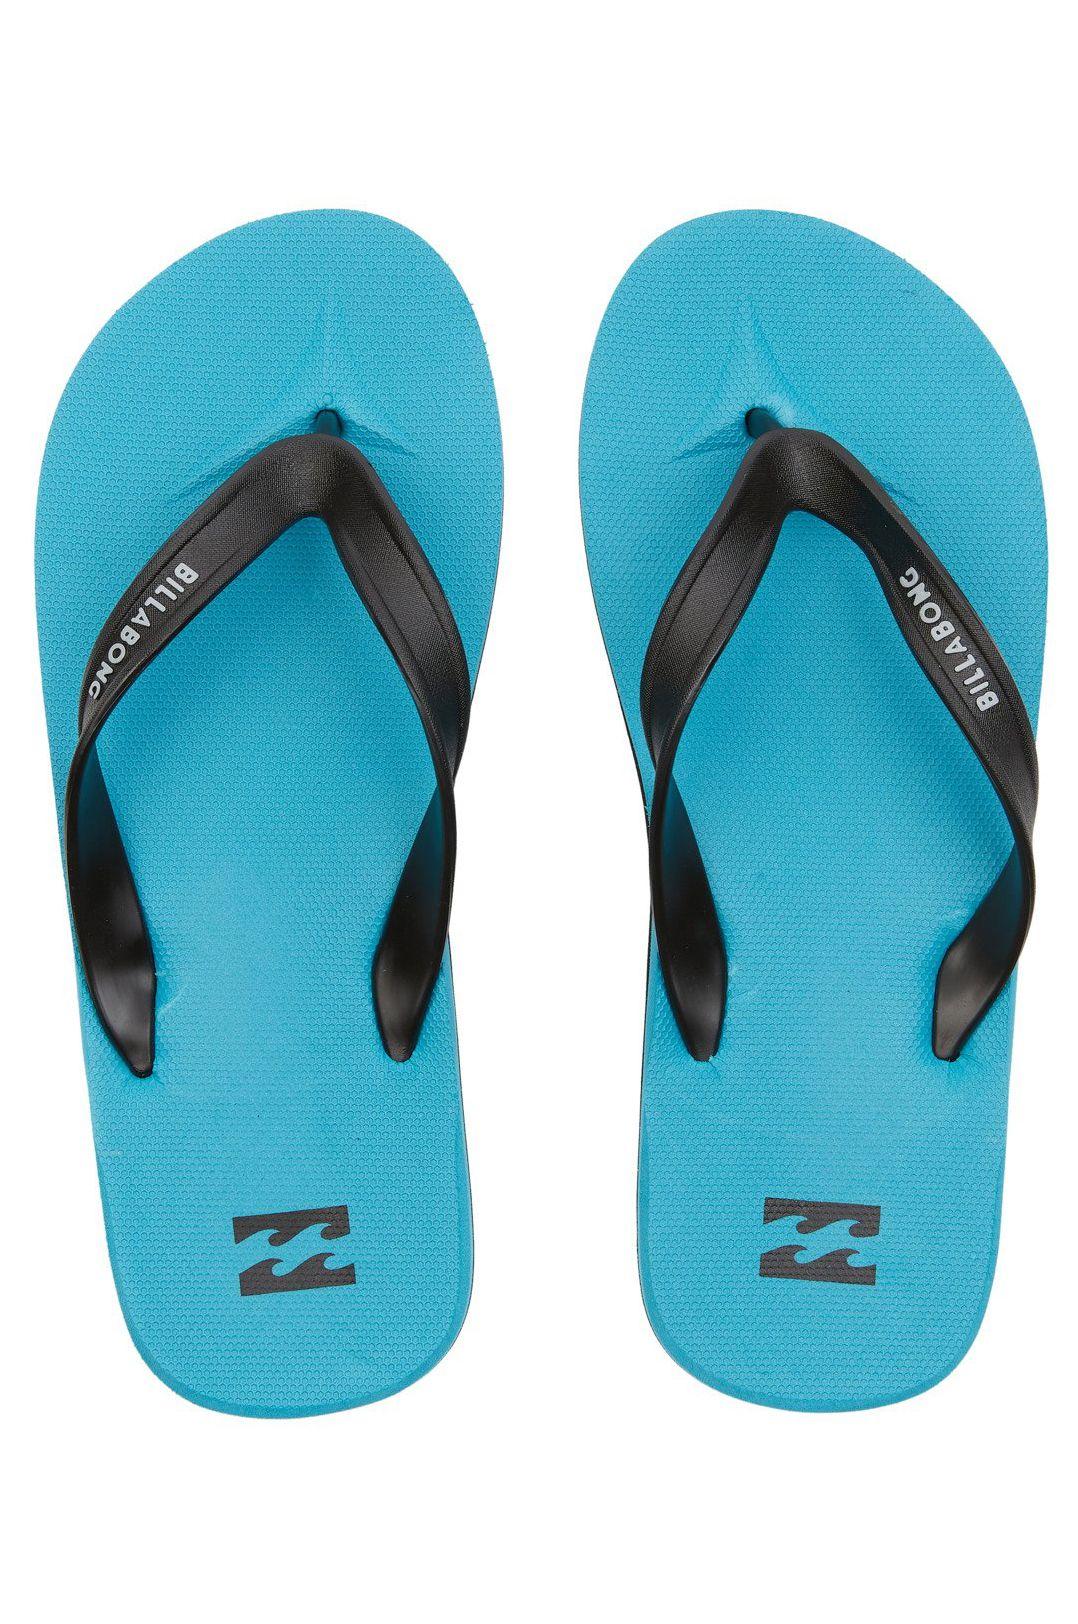 Billabong Sandals ALL DAY Teal